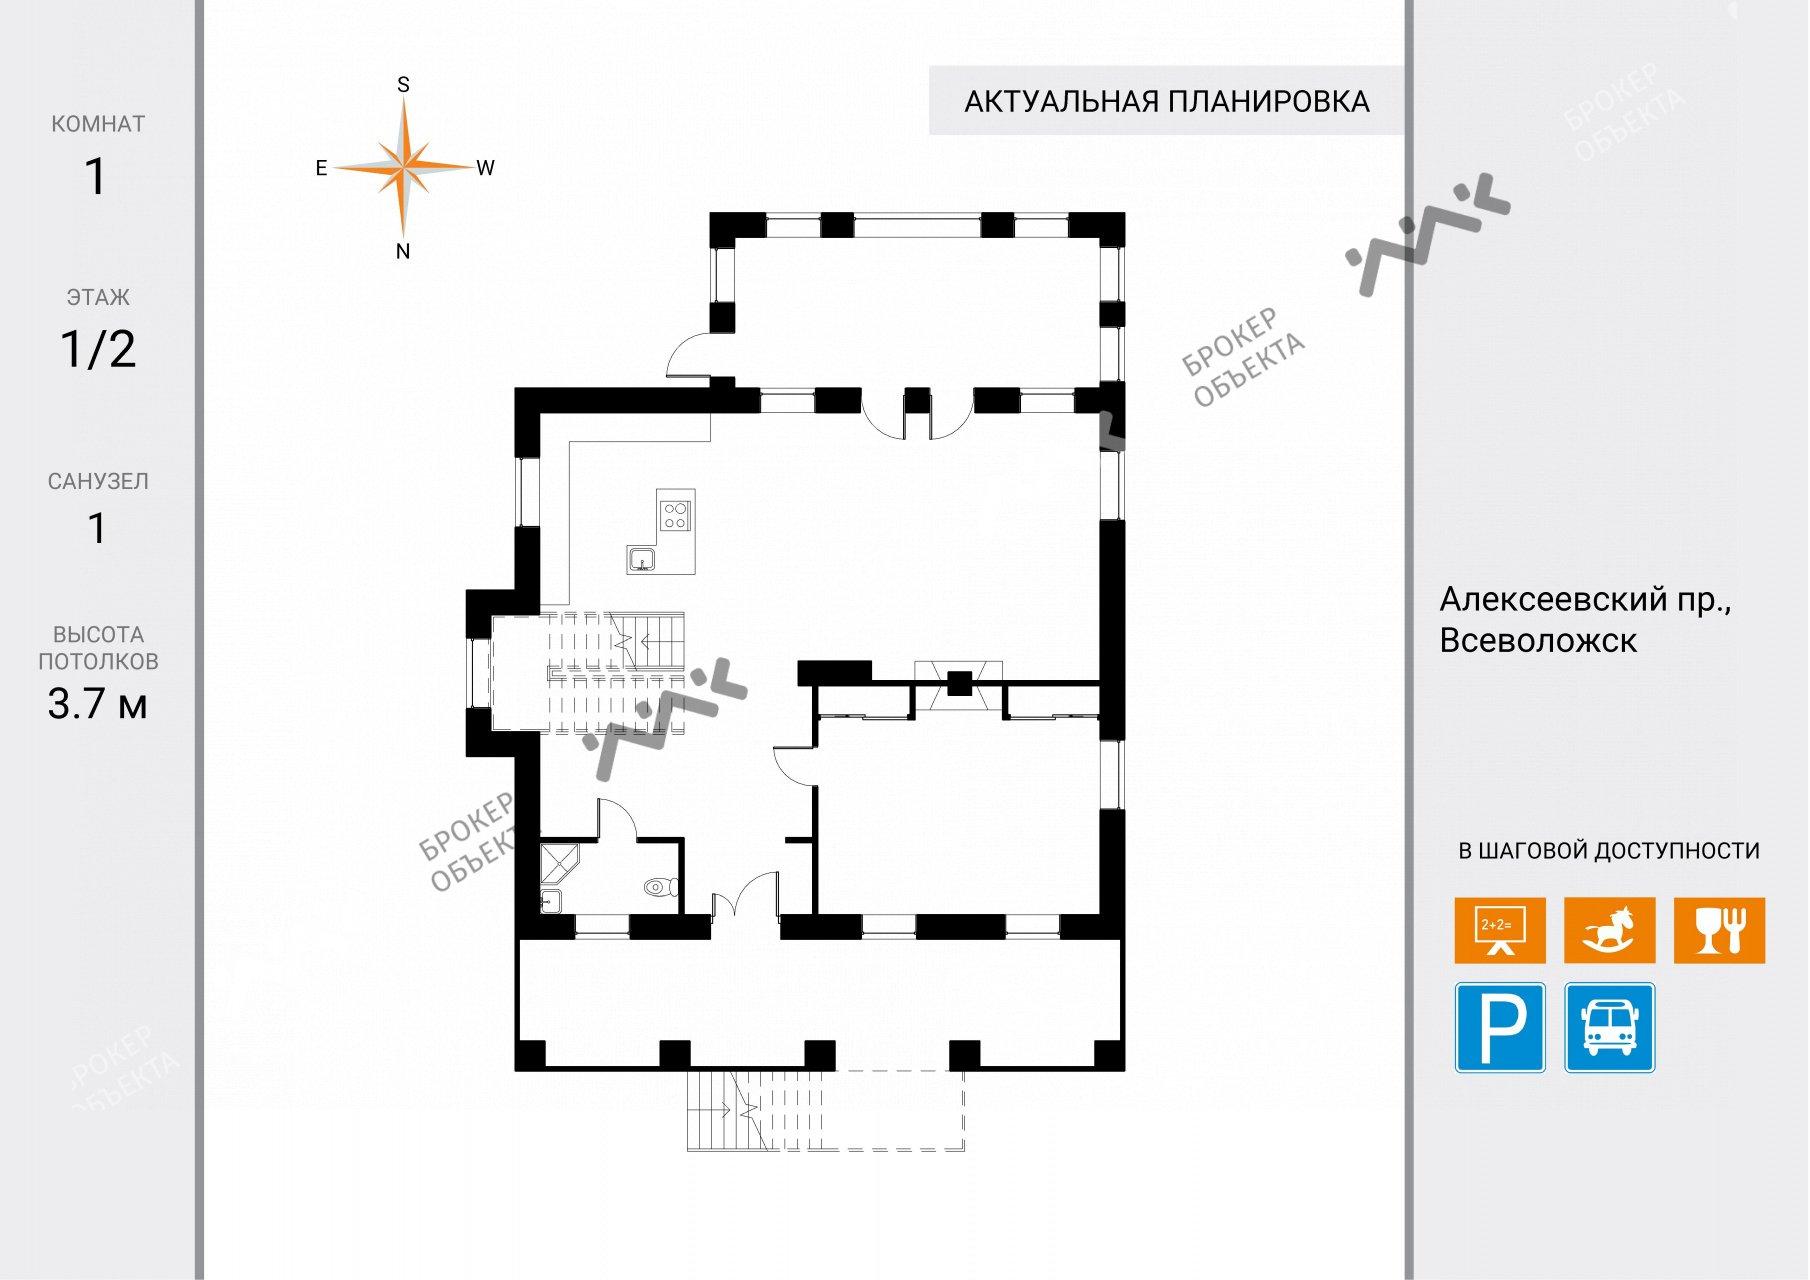 Планировка Алексеевский проспект, д.82. Лот № 7845456